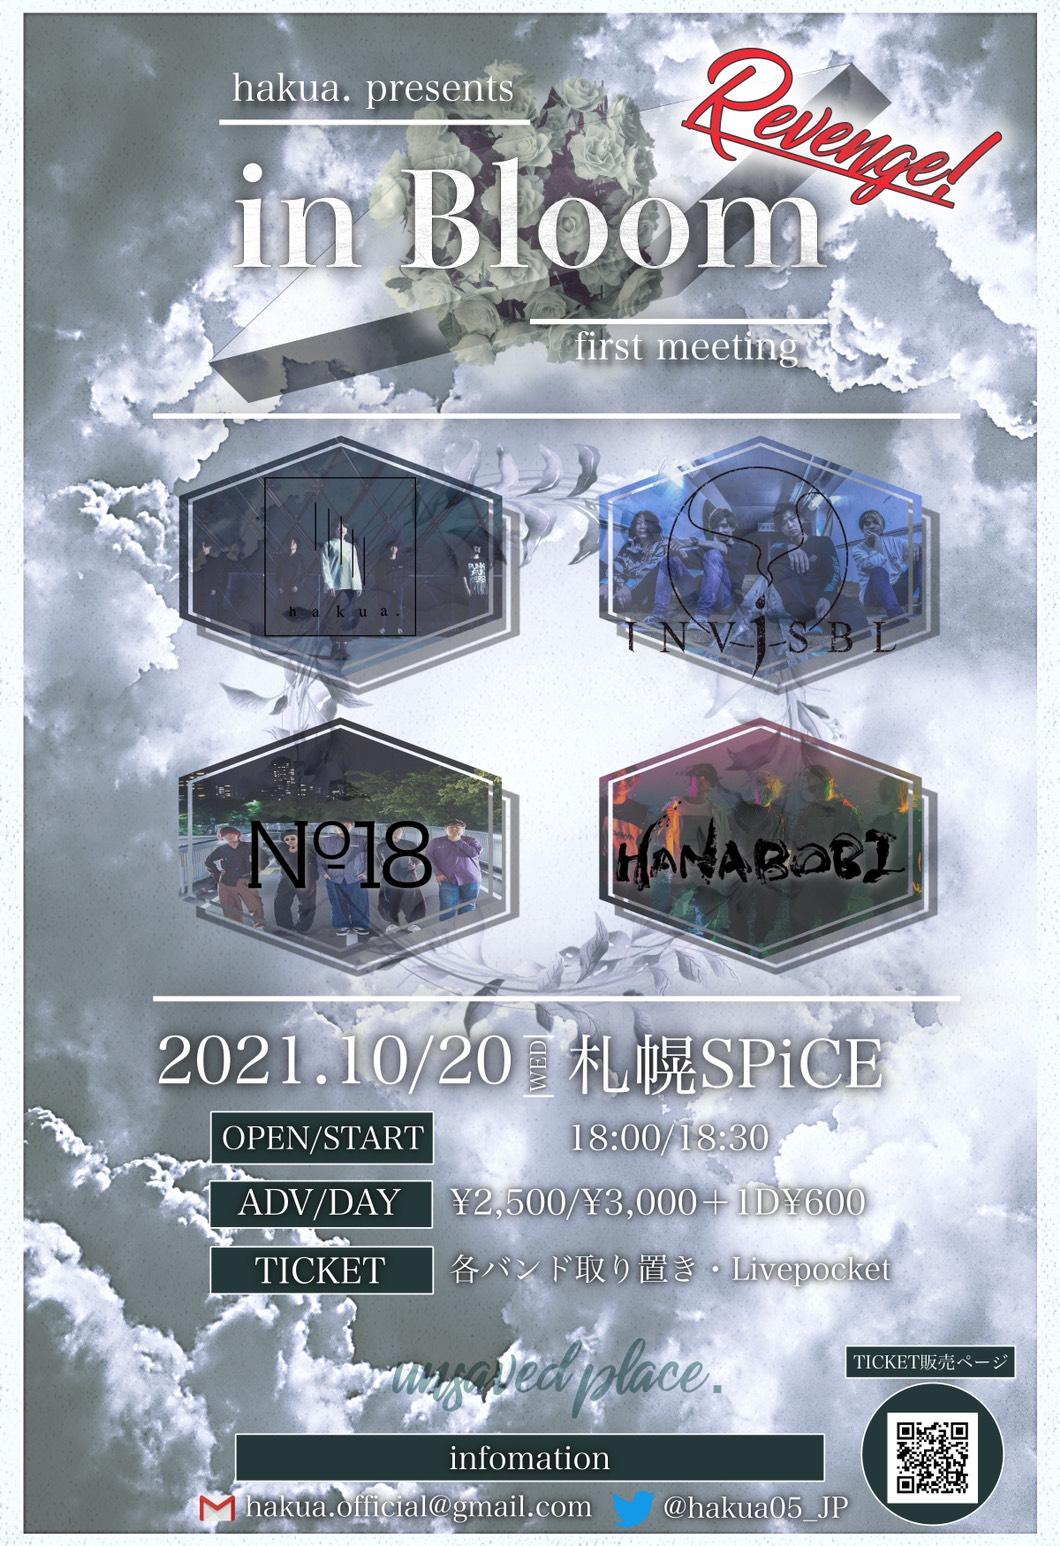 【振替公演】hakua.pre.『in Bloom〜first meeting』Revenge!